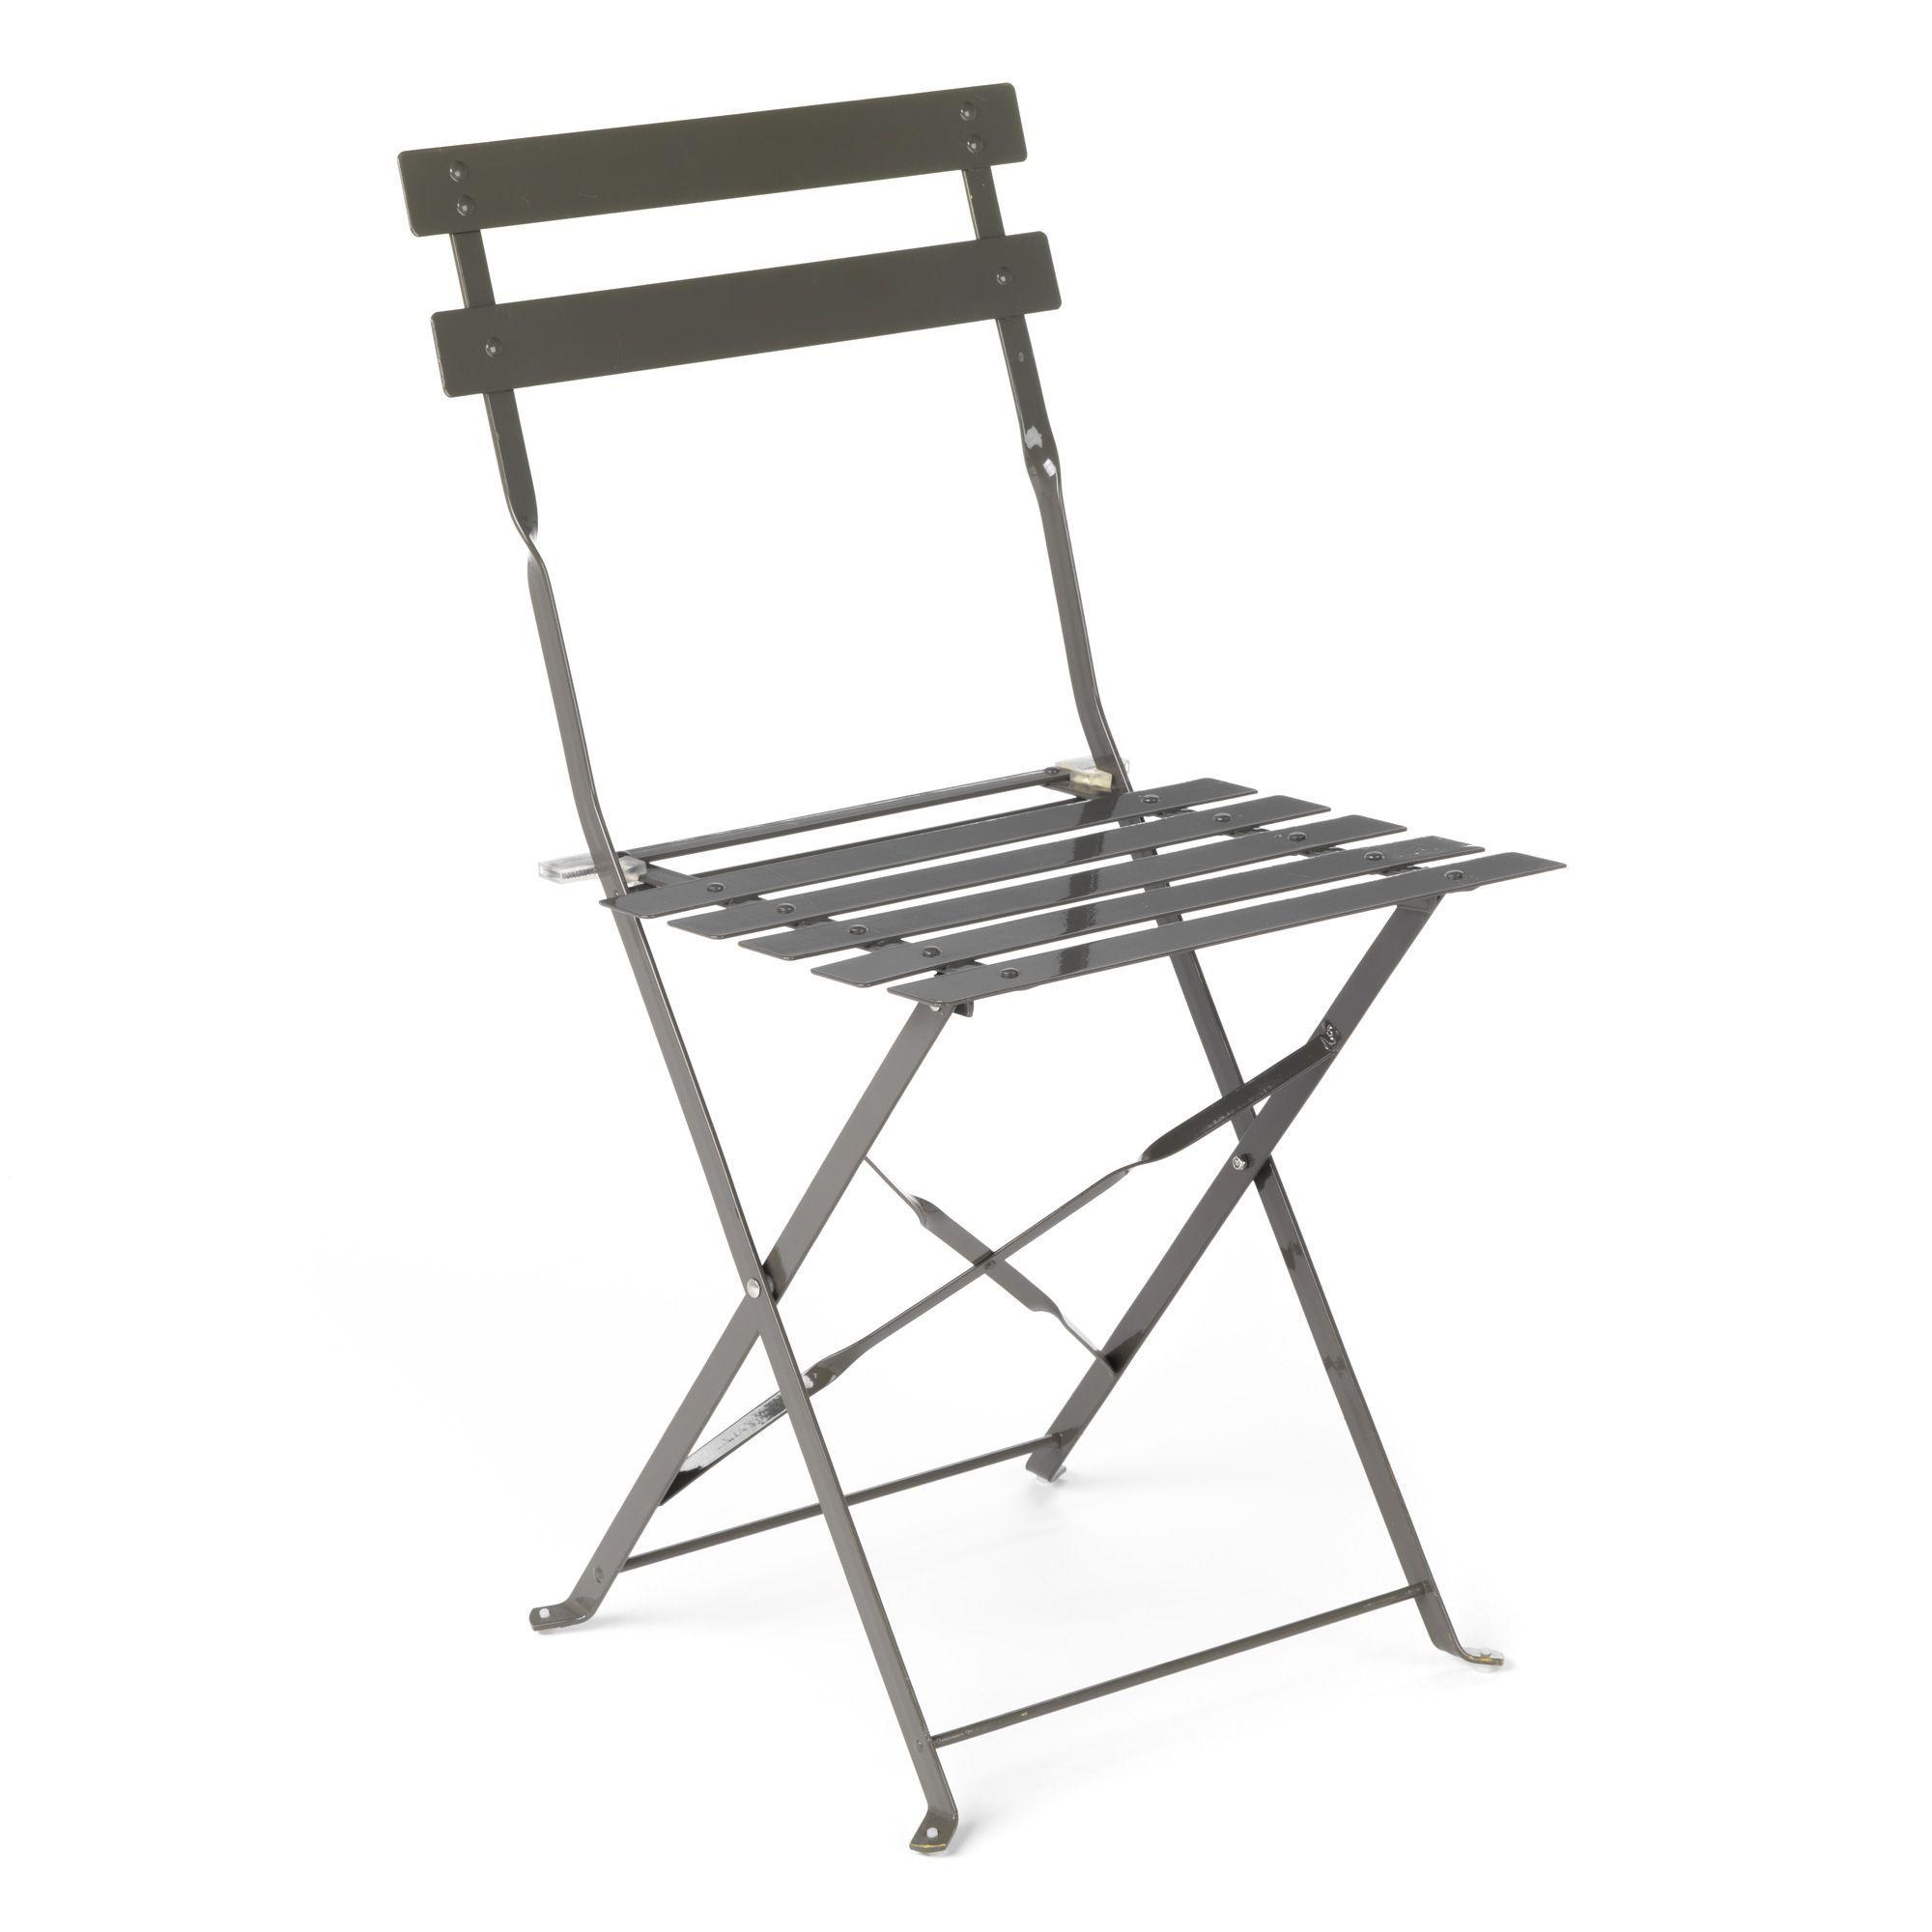 pims ext rieur gris chaise jardin et chaises pliantes. Black Bedroom Furniture Sets. Home Design Ideas